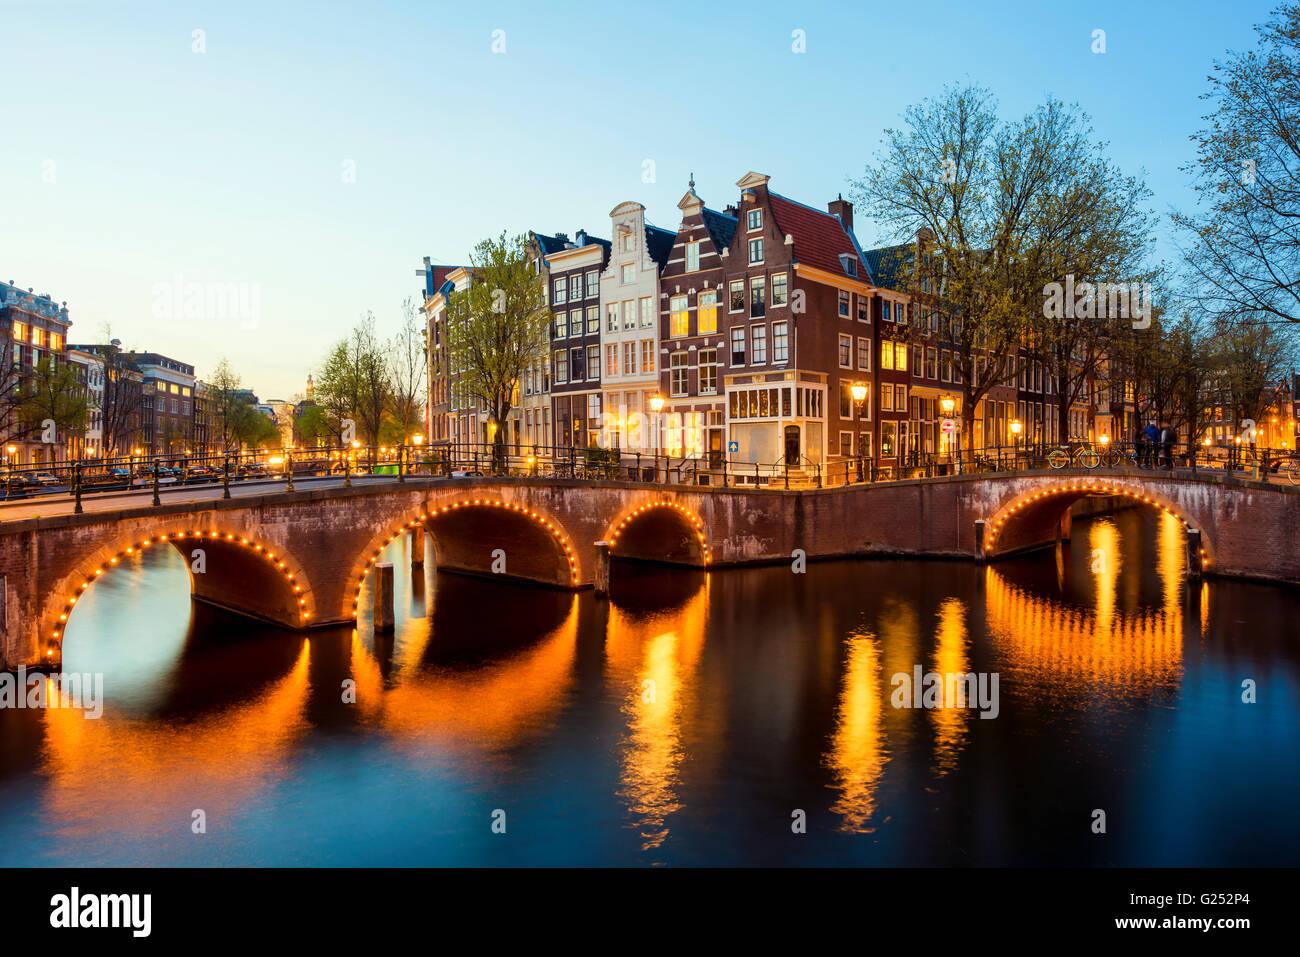 Vista maravillosa sobre las casas de Amsterdam en la noche, Holanda Imagen De Stock